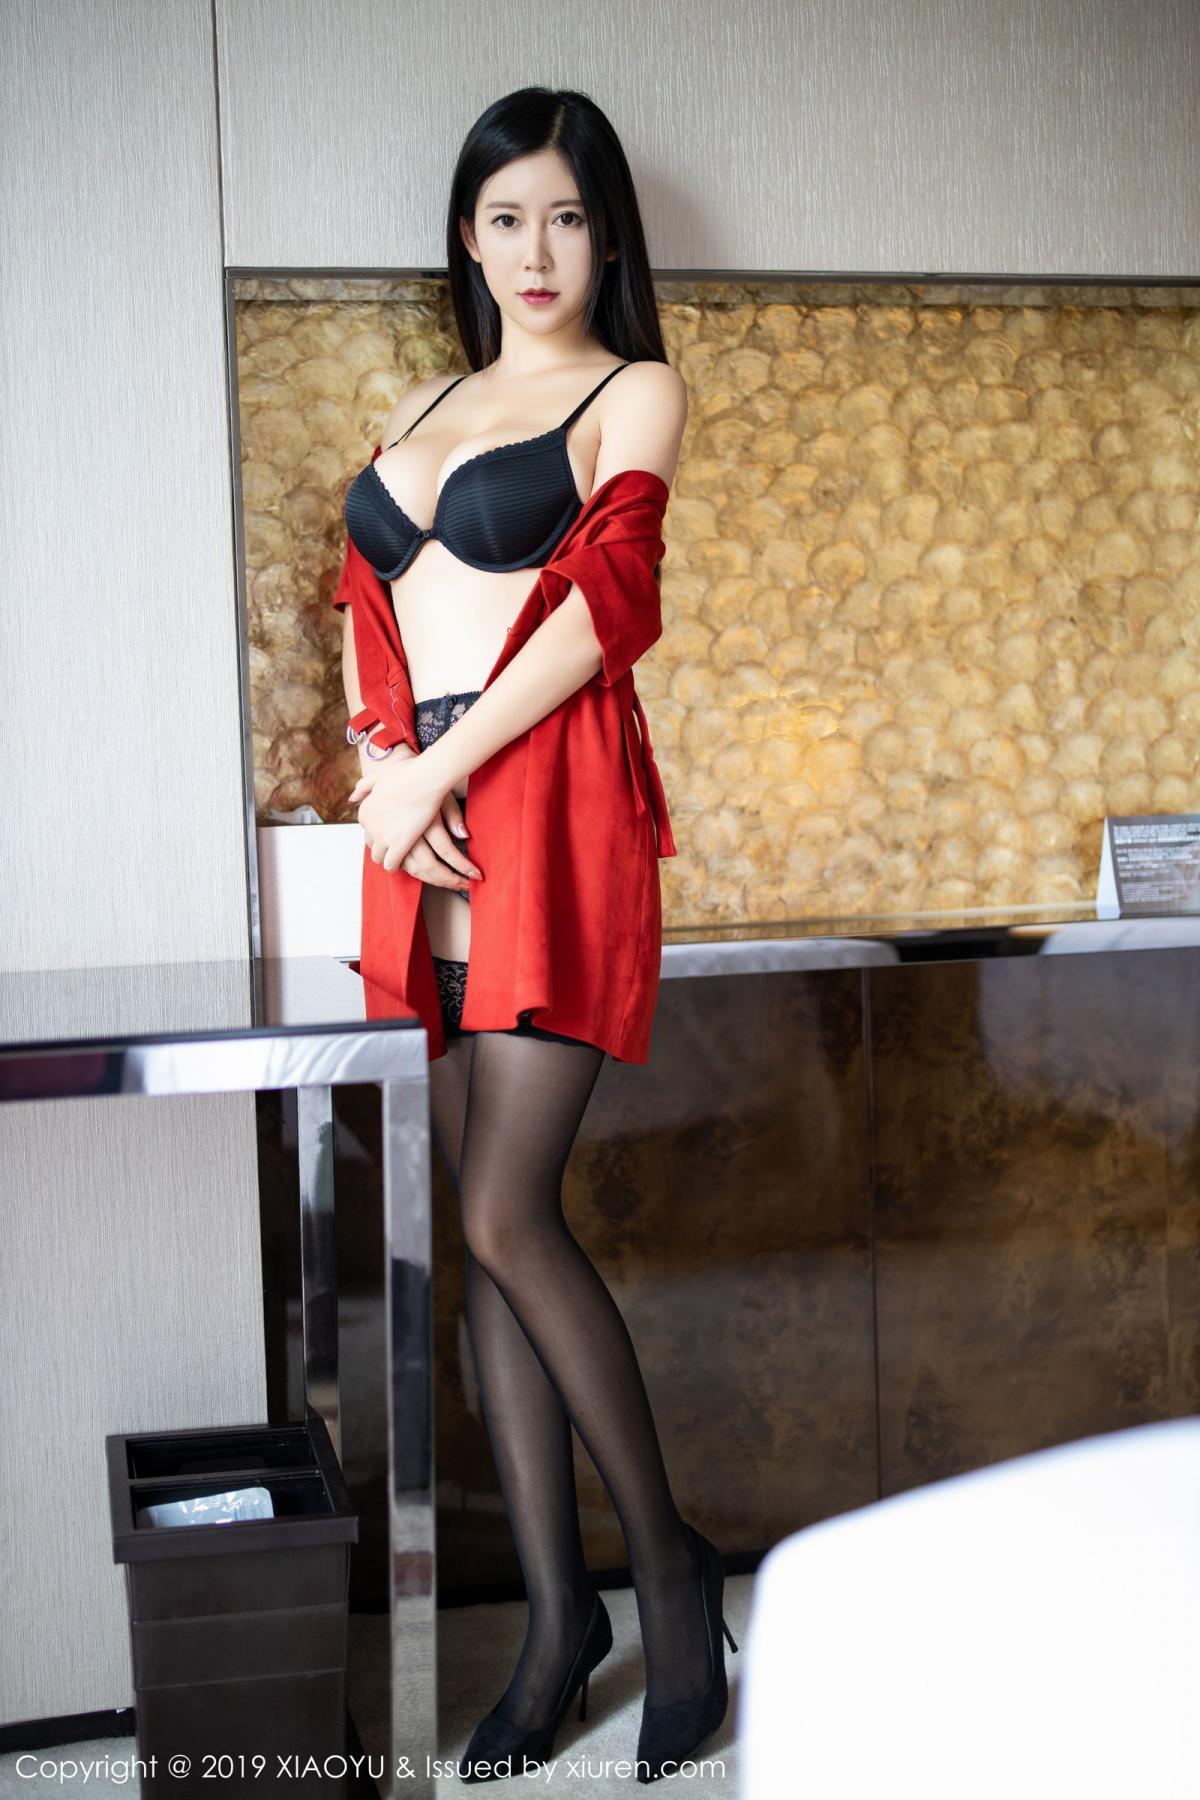 [XiaoYu] Vol.166 Li Ya 9P, Li Ya, Underwear, XiaoYu